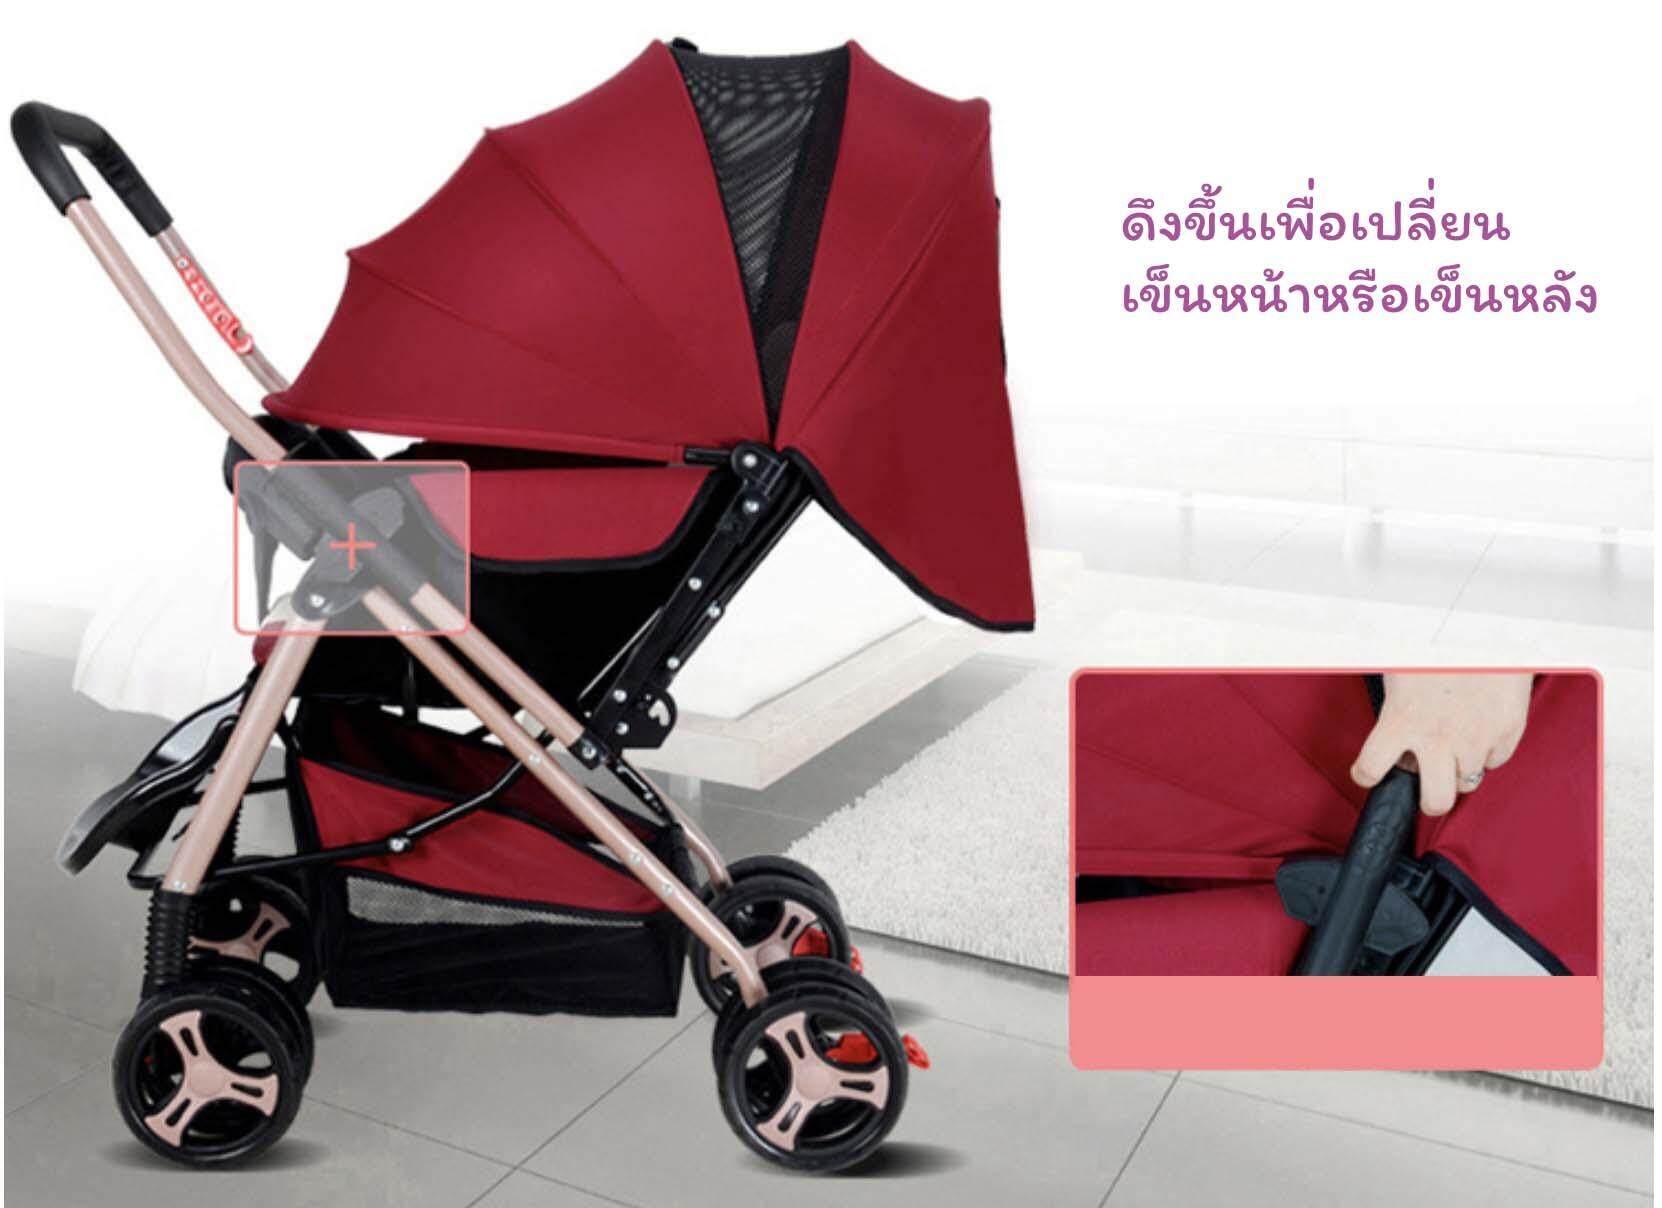 ของแท้ มีของแถม Unbranded/Generic อุปกรณ์เสริมรถเข็นเด็ก Bellamall: แม่เด็กทารกที่ทนทานกิจกรรมจัดหารถเข็นเด็กทารกหนังเทียมกรณีครอบคลุมปลอกเรือท้องแบนอุปกรณ์เสริม-นานาชาติ รีวิวที่ดีที่สุด